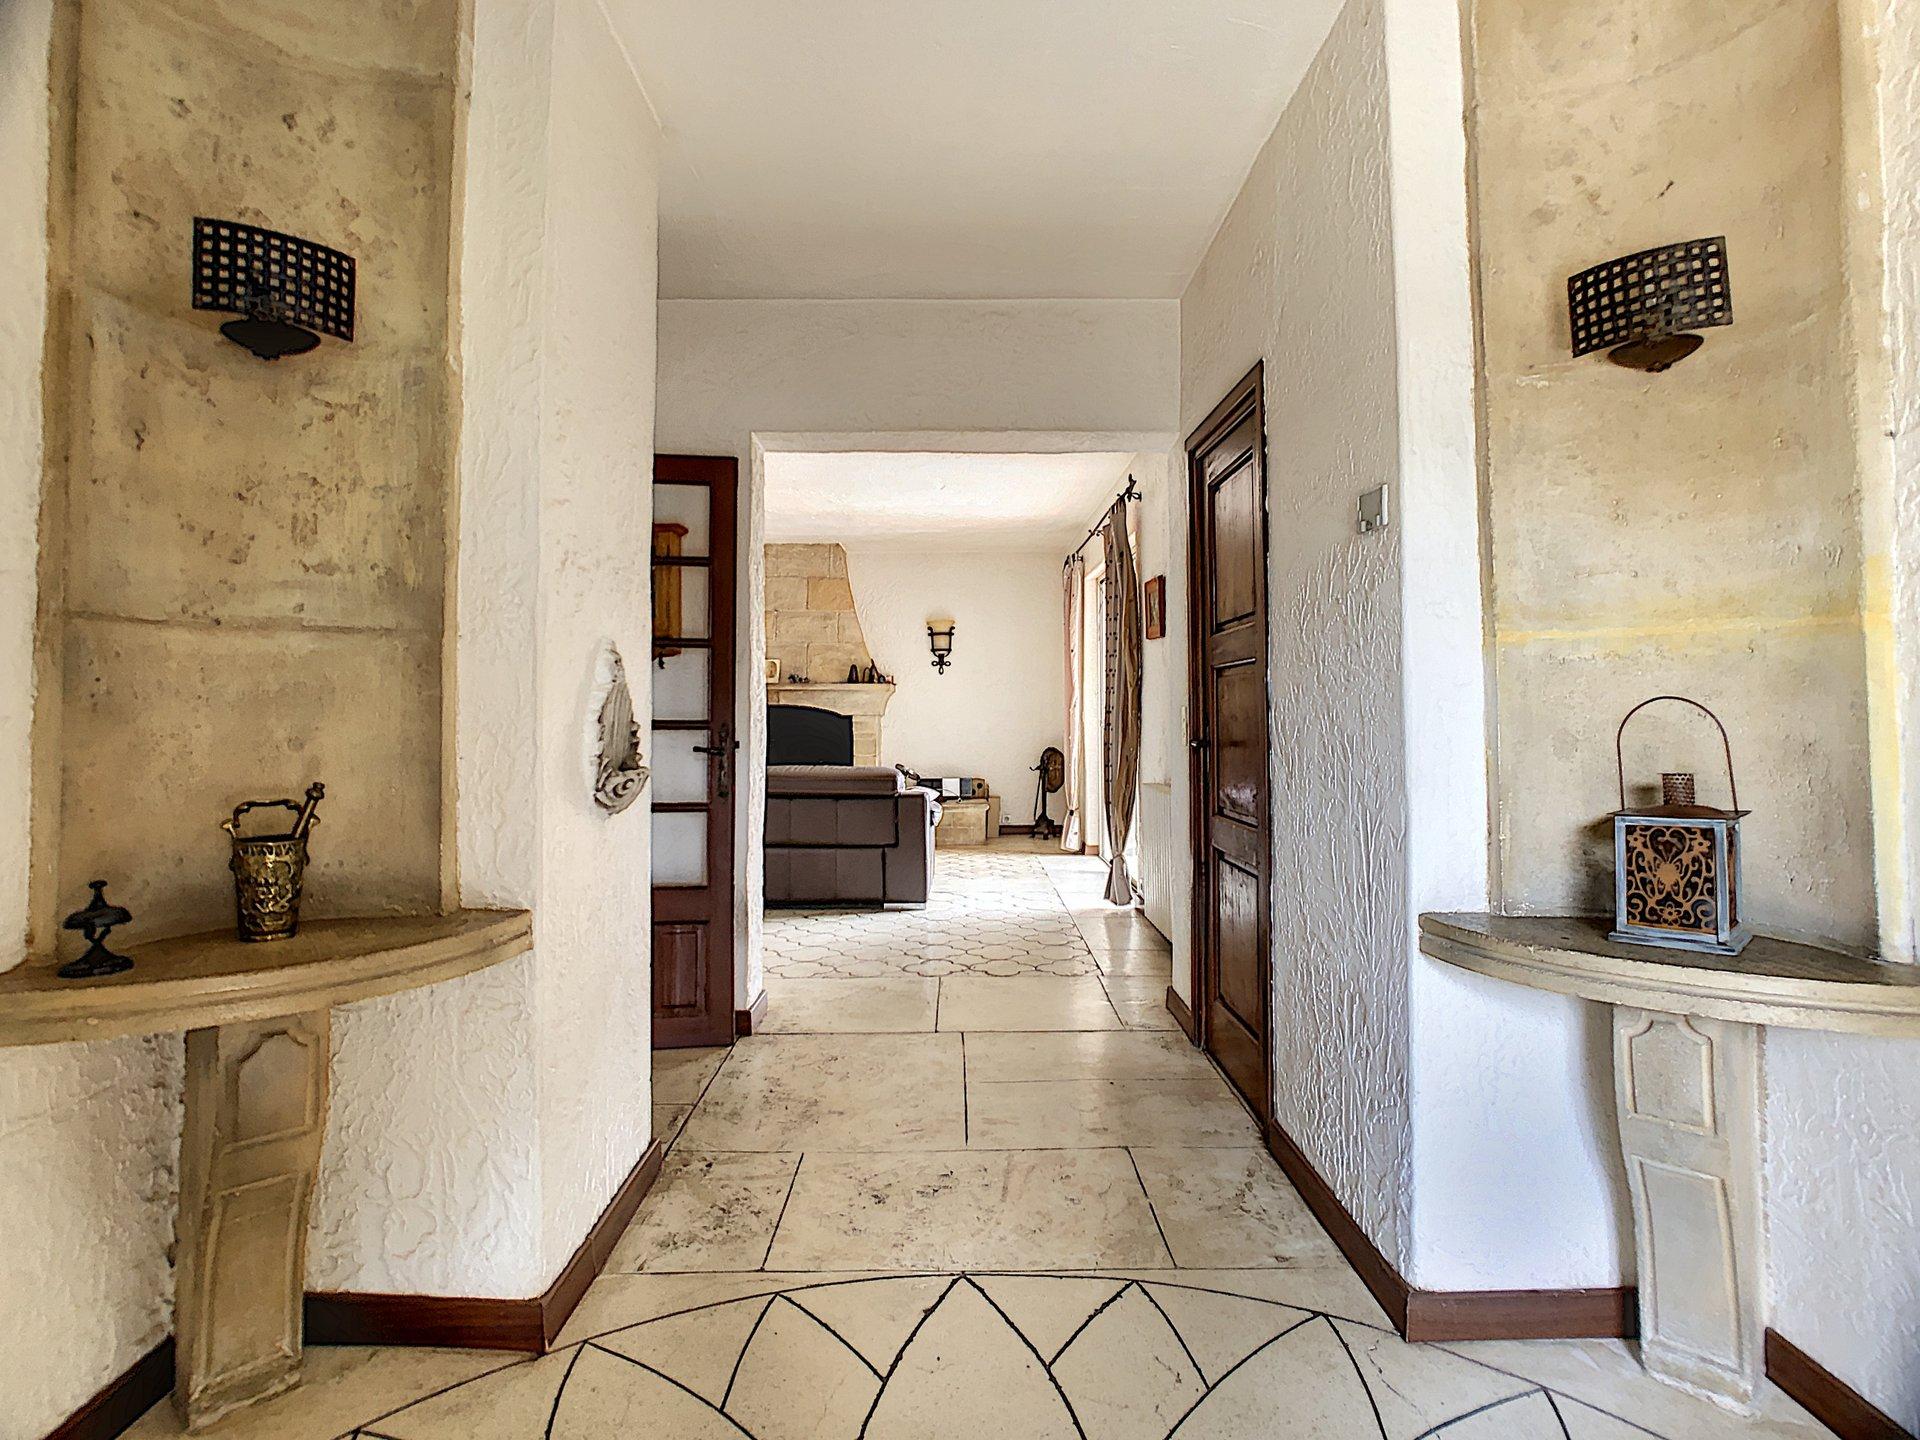 Auribeau Sur Siagne, Villa de caractère 4 chambres, bel environnement